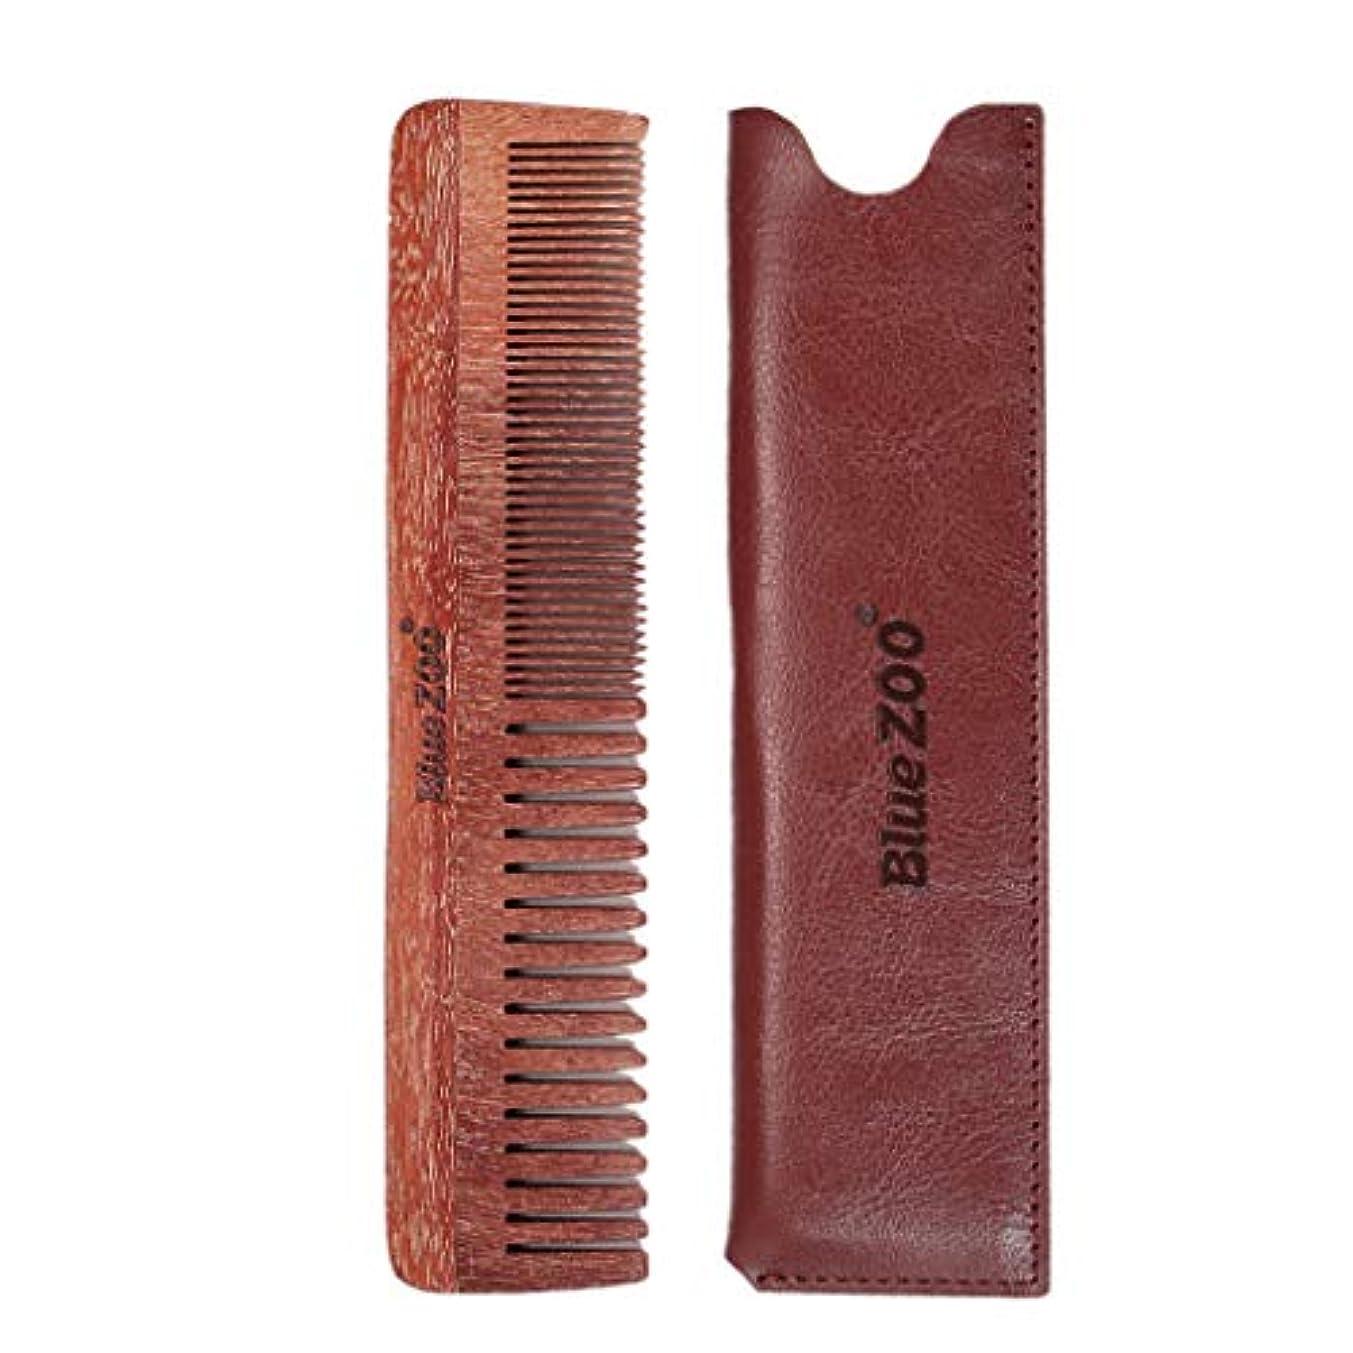 退化する靴下カーテンB Baosity ウッドコーム 口ひげ櫛 ダブルサイド メンズ プレゼント 2色選べ - 褐色